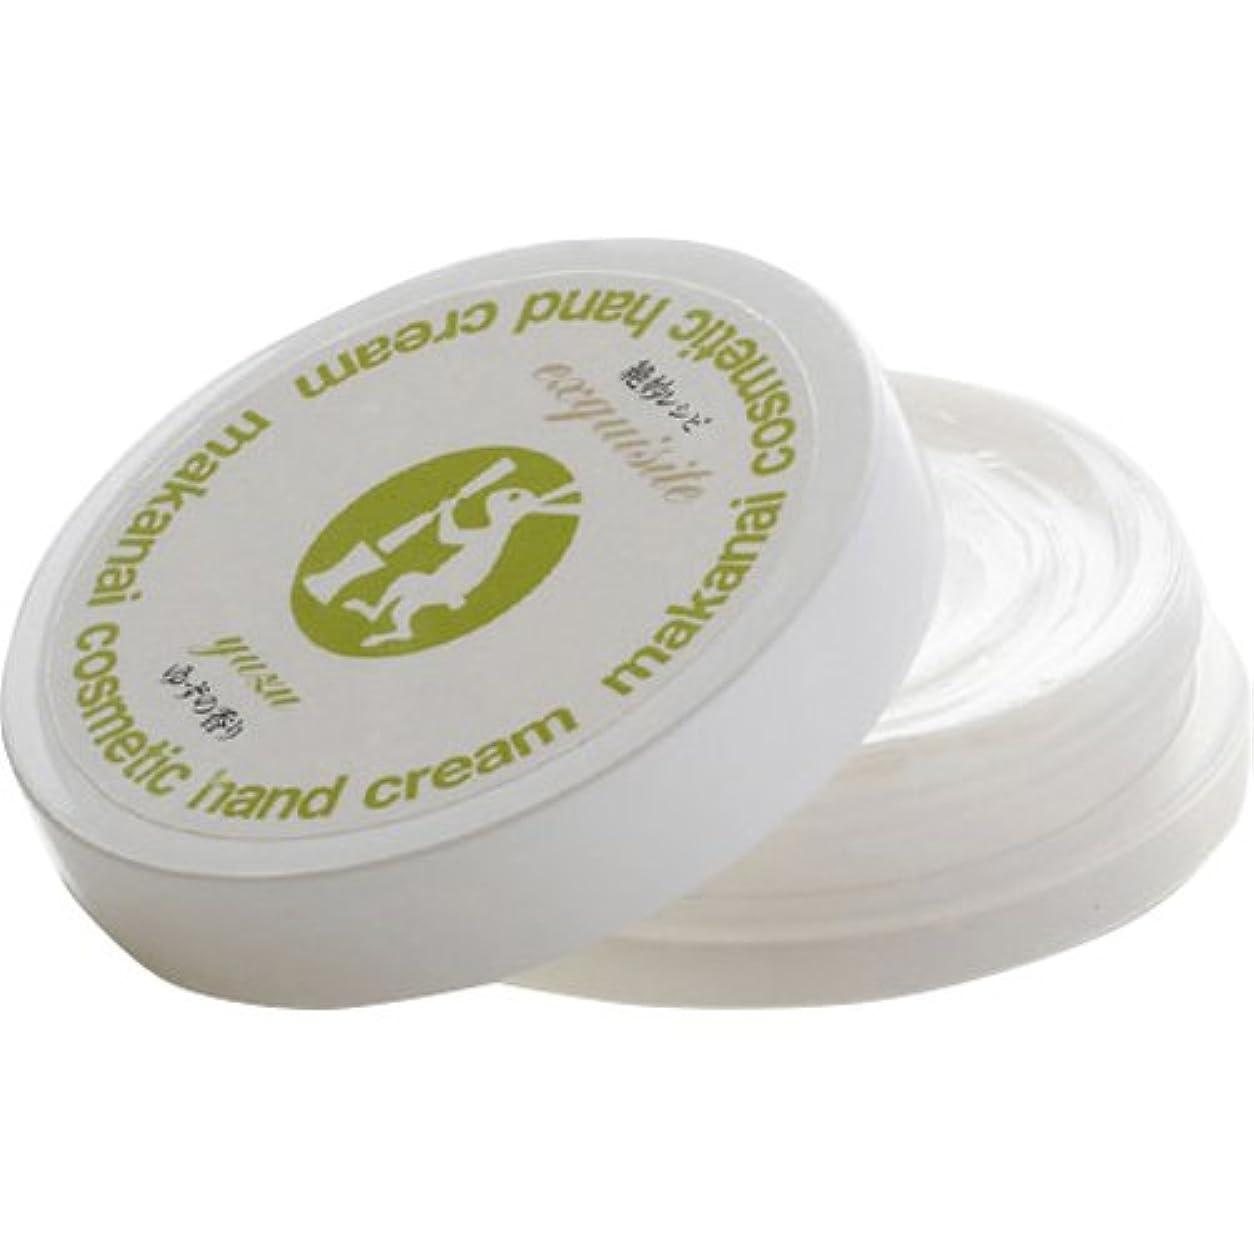 持っているエーカー科学的まかないこすめ 絶妙レシピのハンドクリーム ゆずの香り(ジャータイプ) 50g